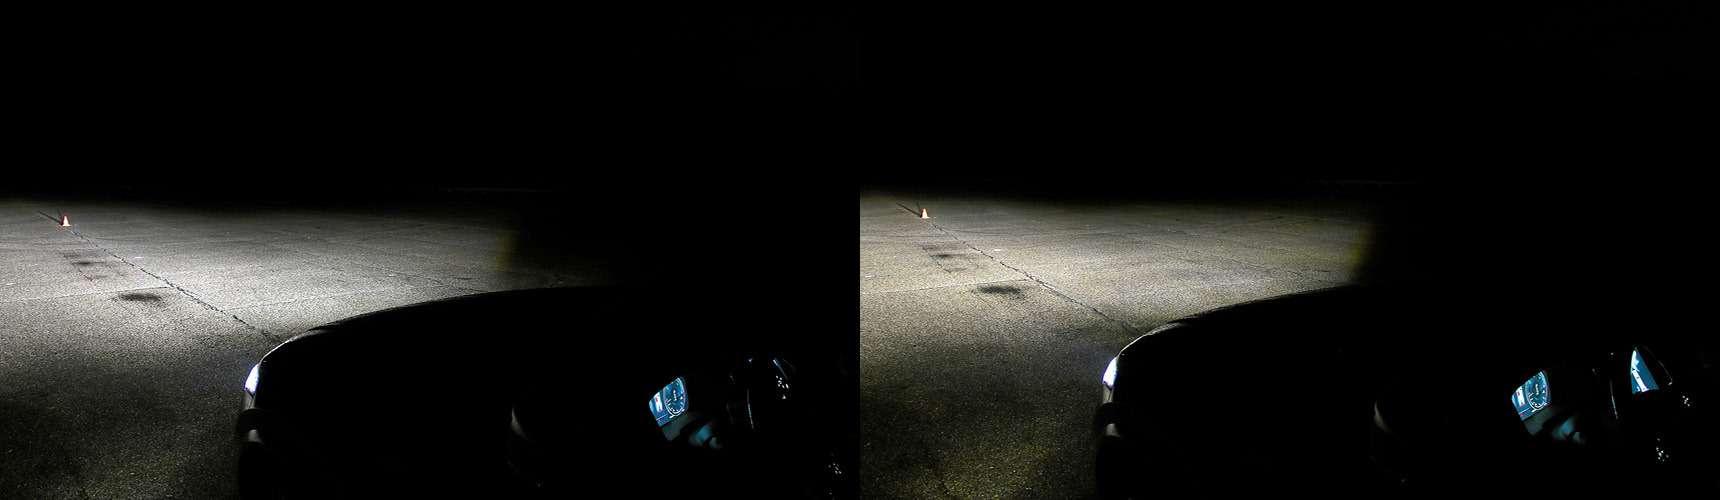 Супертест светодиодных фар: какая из10машин заглянет дальше?— фото 601203